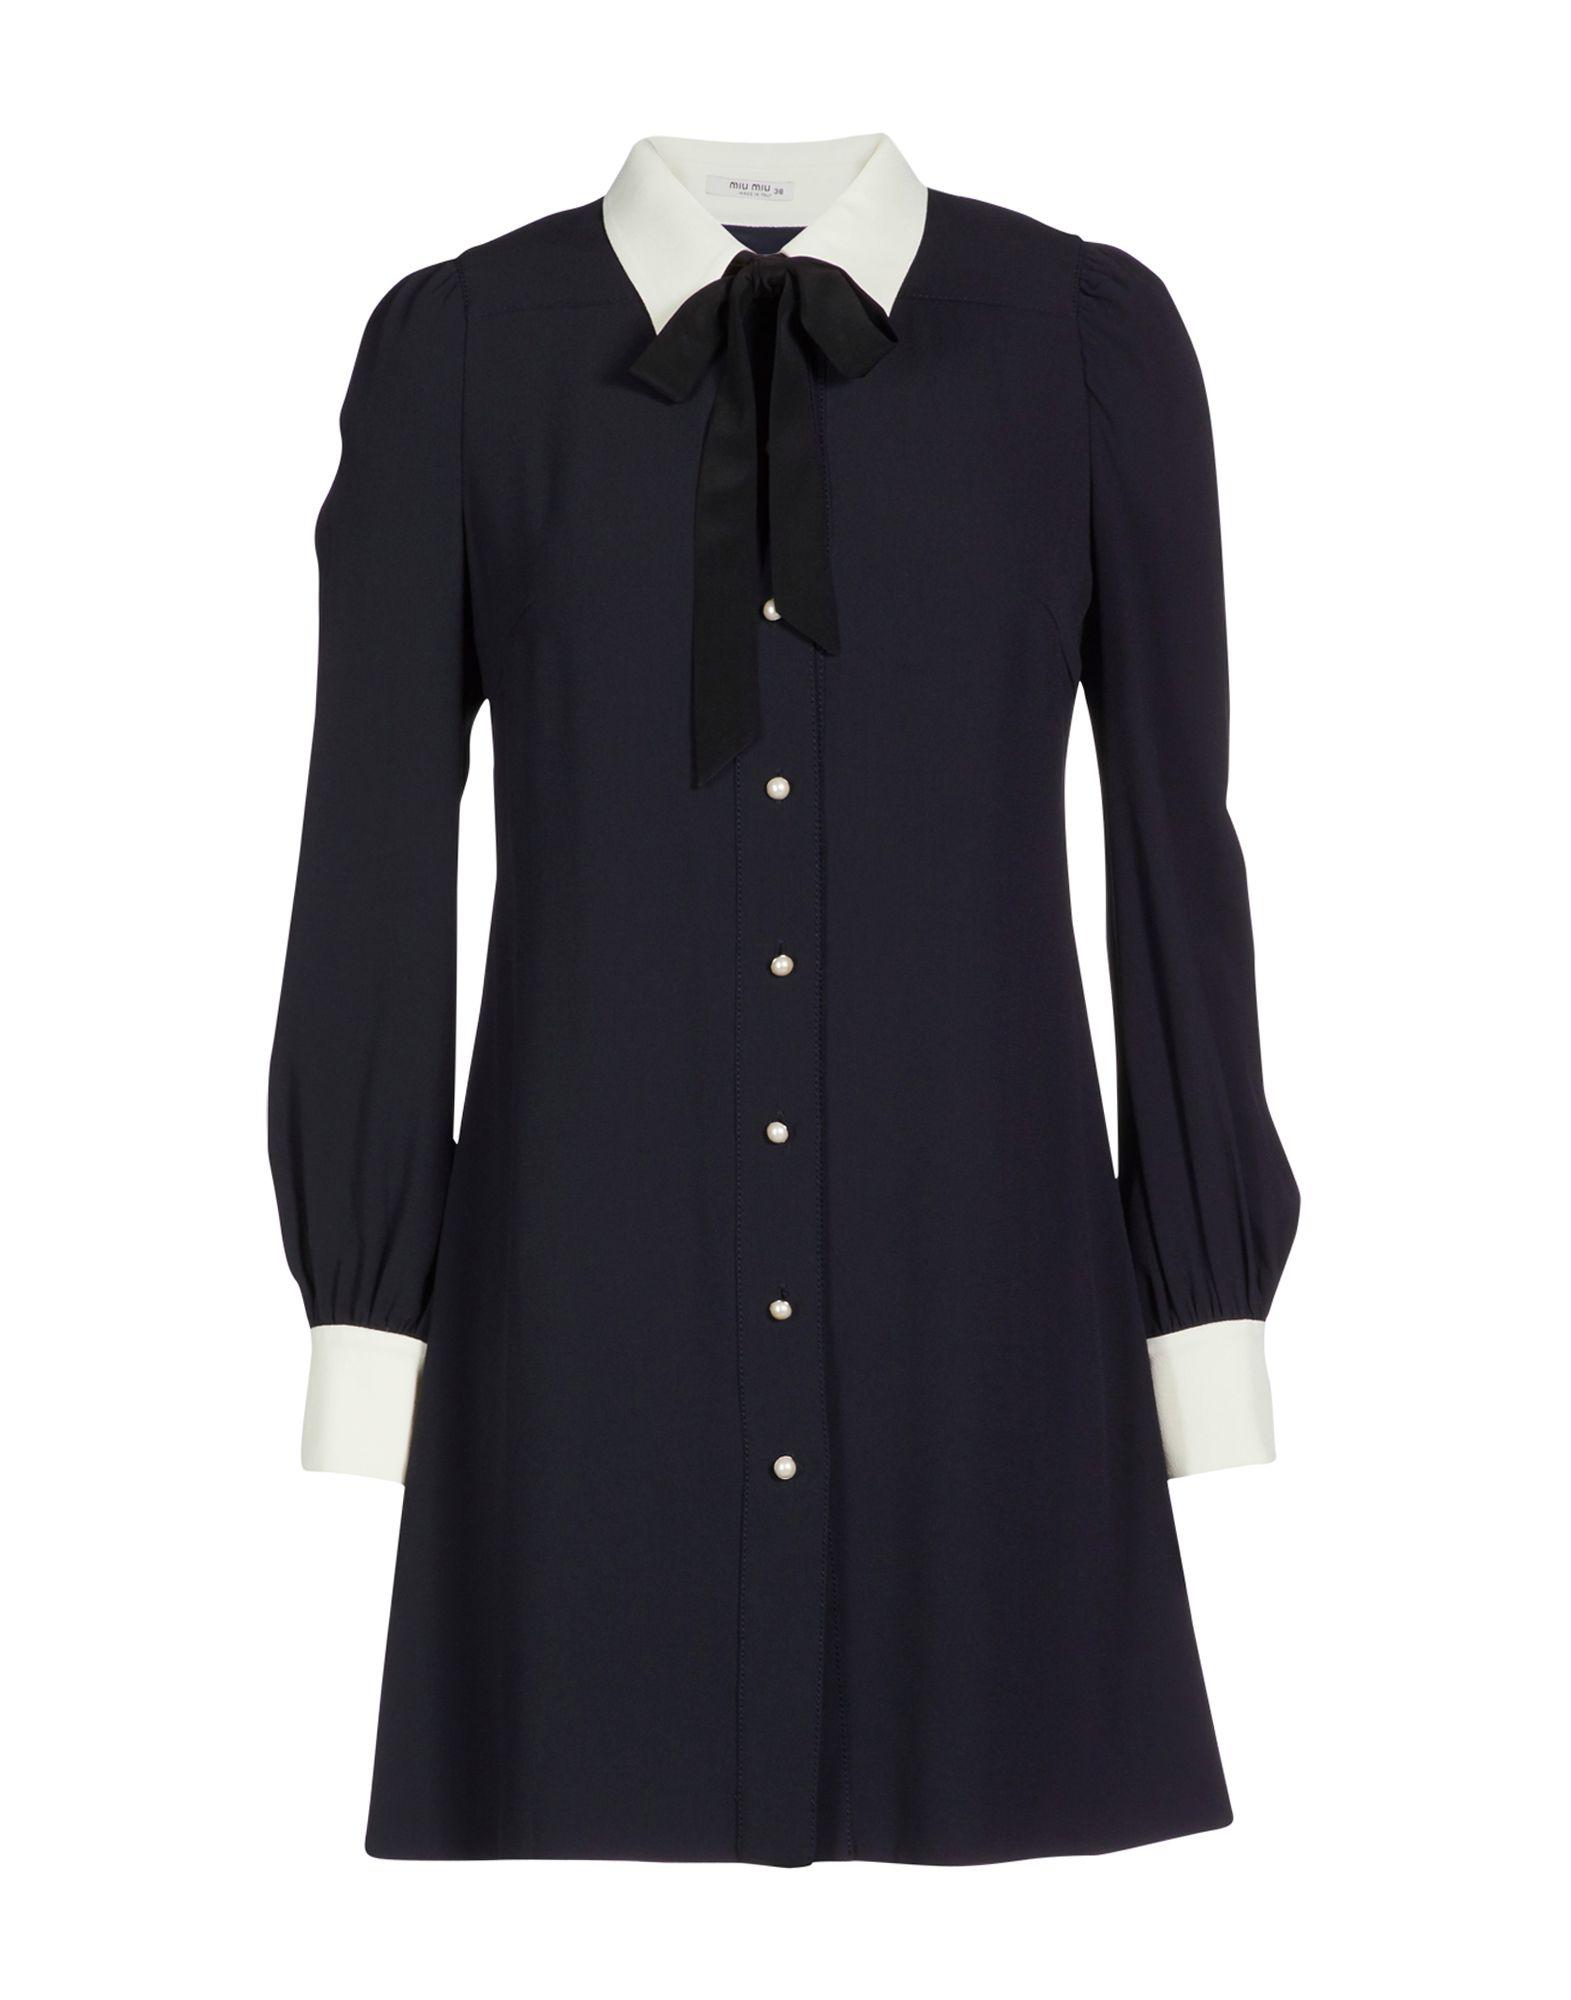 b4400a810f65 Miu Miu Solid Color Shirts   Blouses - Women Miu Miu Solid Color Shirts   Blouses  online on YOOX United States - 38784004DG